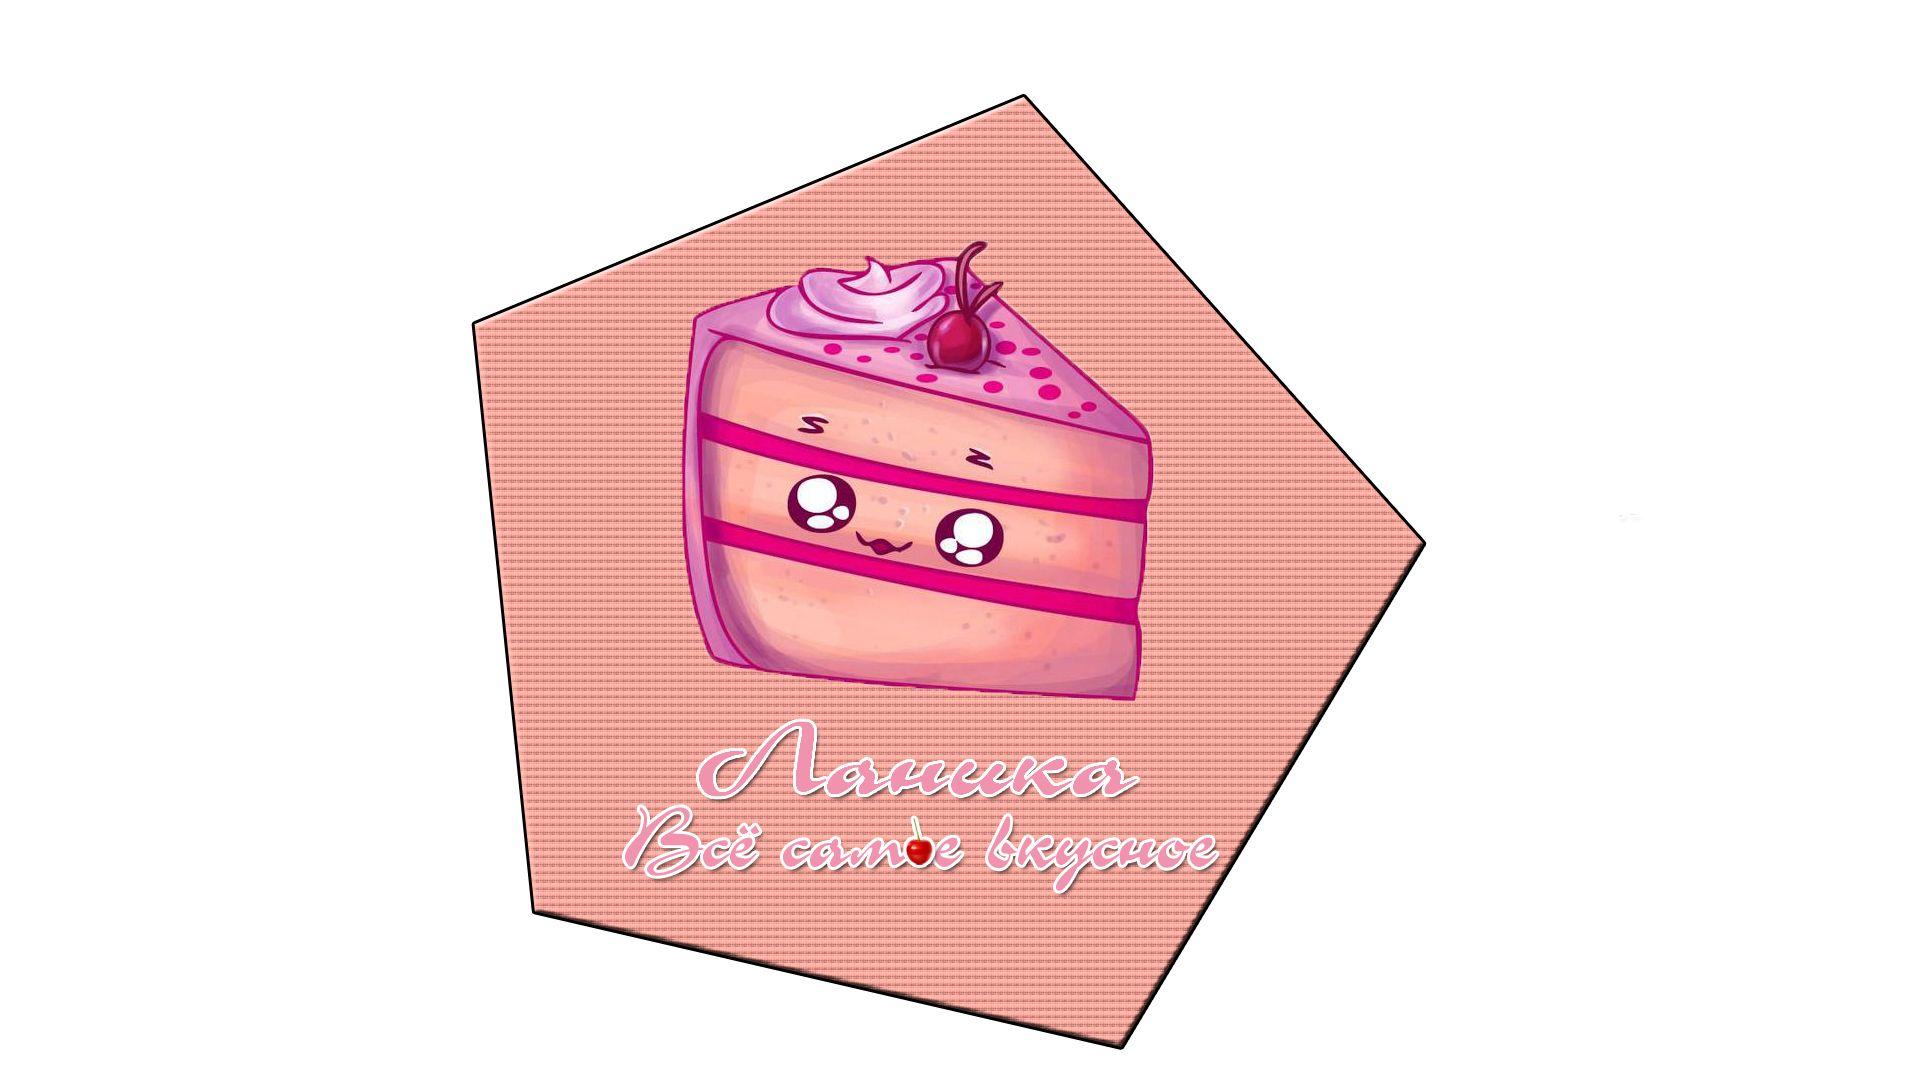 Лого ИМ тортов,пирожных и печенья ручной работы - дизайнер grantdizayner